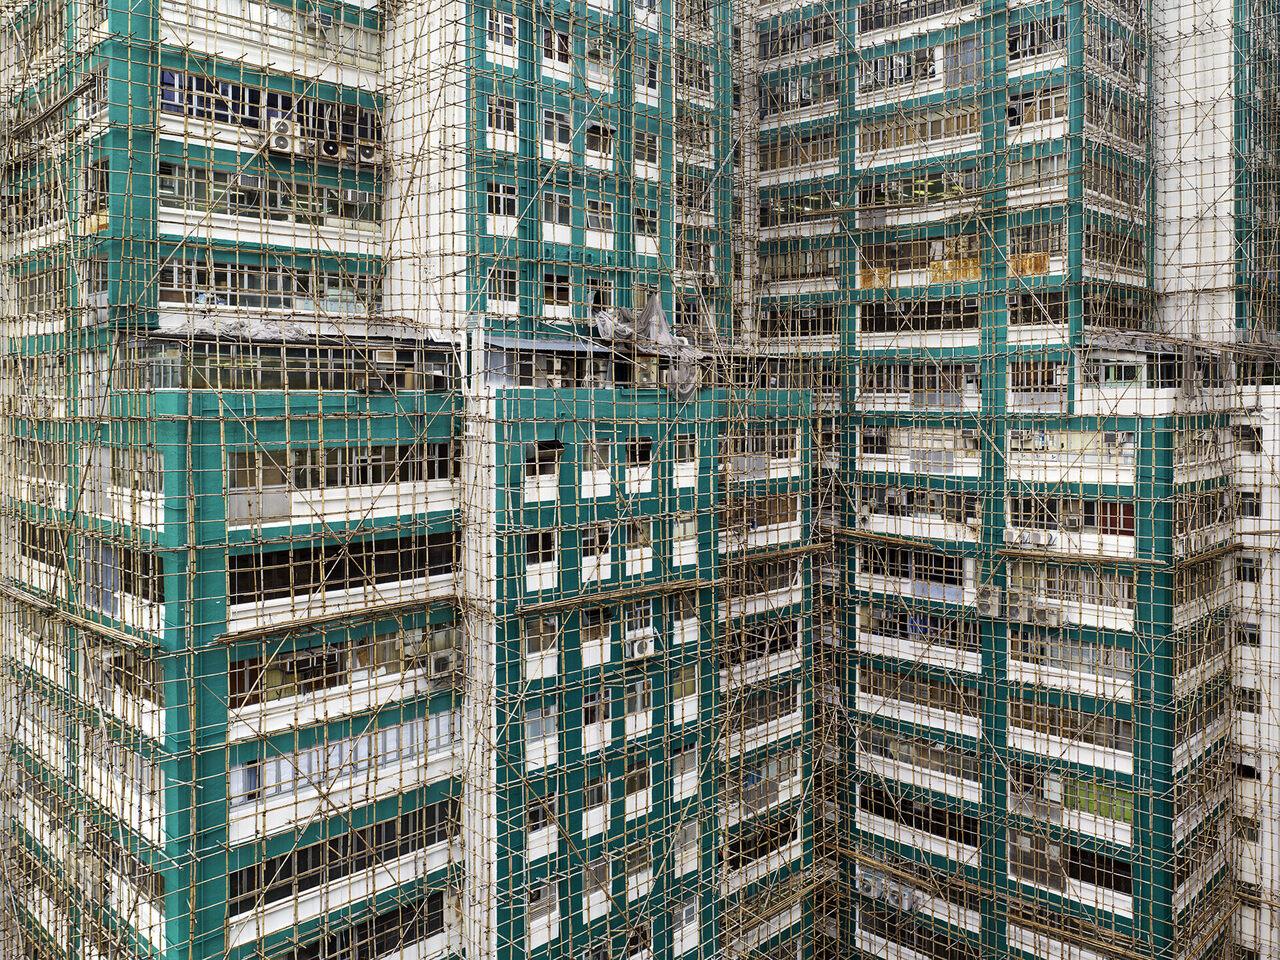 <em>Aqua Cocoon Cage #2</em>, Hong Kong, 2012.